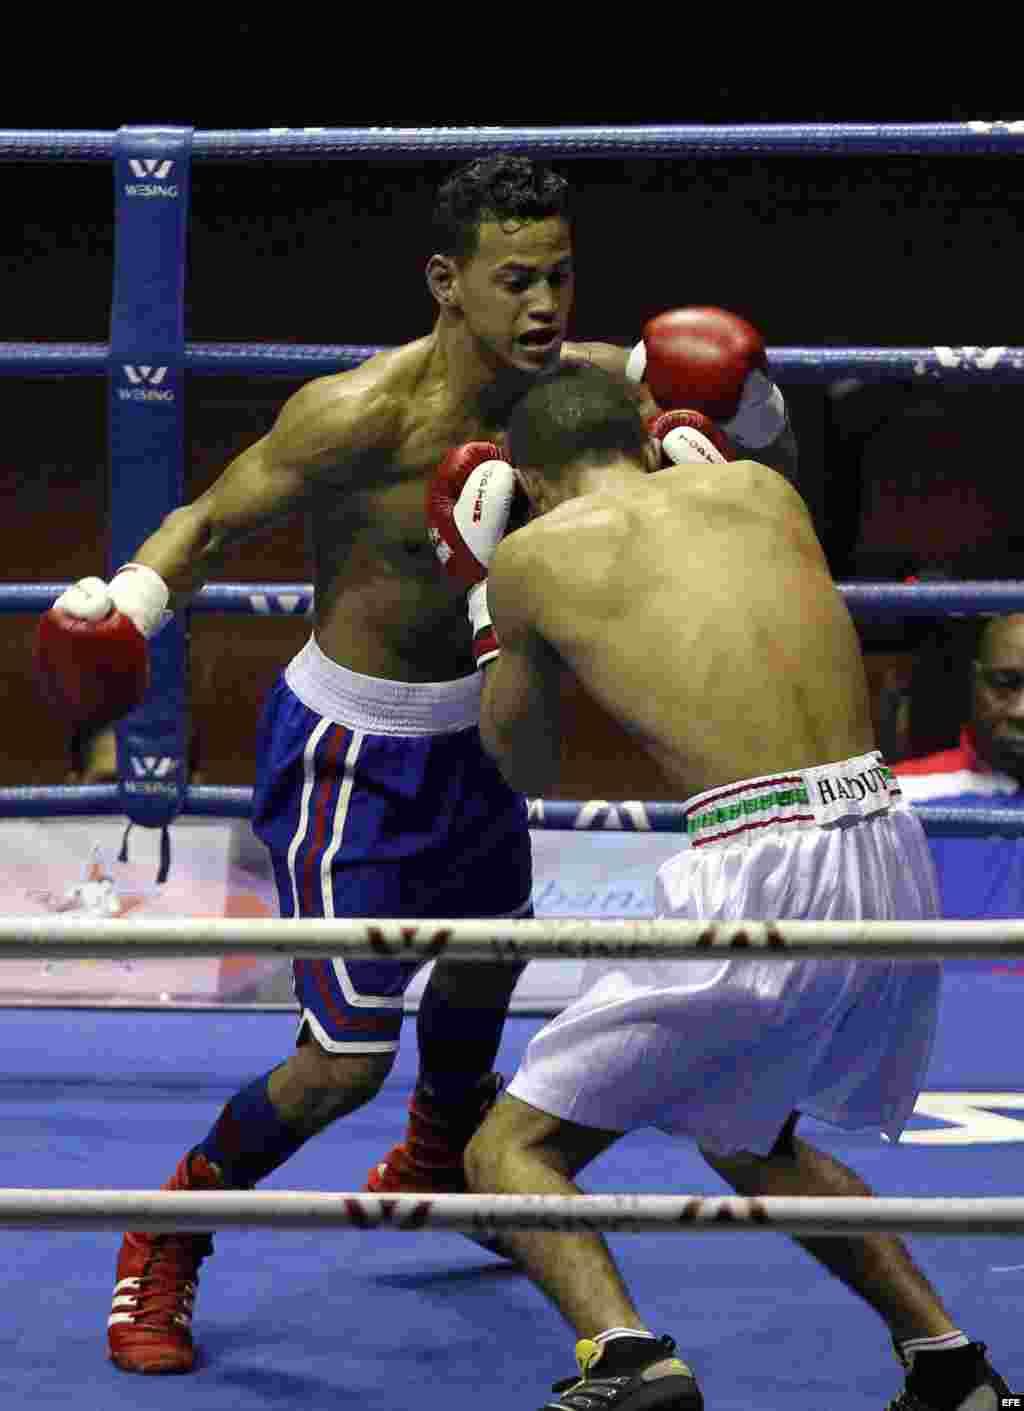 Robeisy Ramírez (i), de los Domadores de Cuba, y Mohamed Hamout (d), de los Leones de Marruecos, compiten en la categoría de los 56 kg. en la V Serie Mundial de Boxeo, el 16 de enero de 2015, en La Habana.